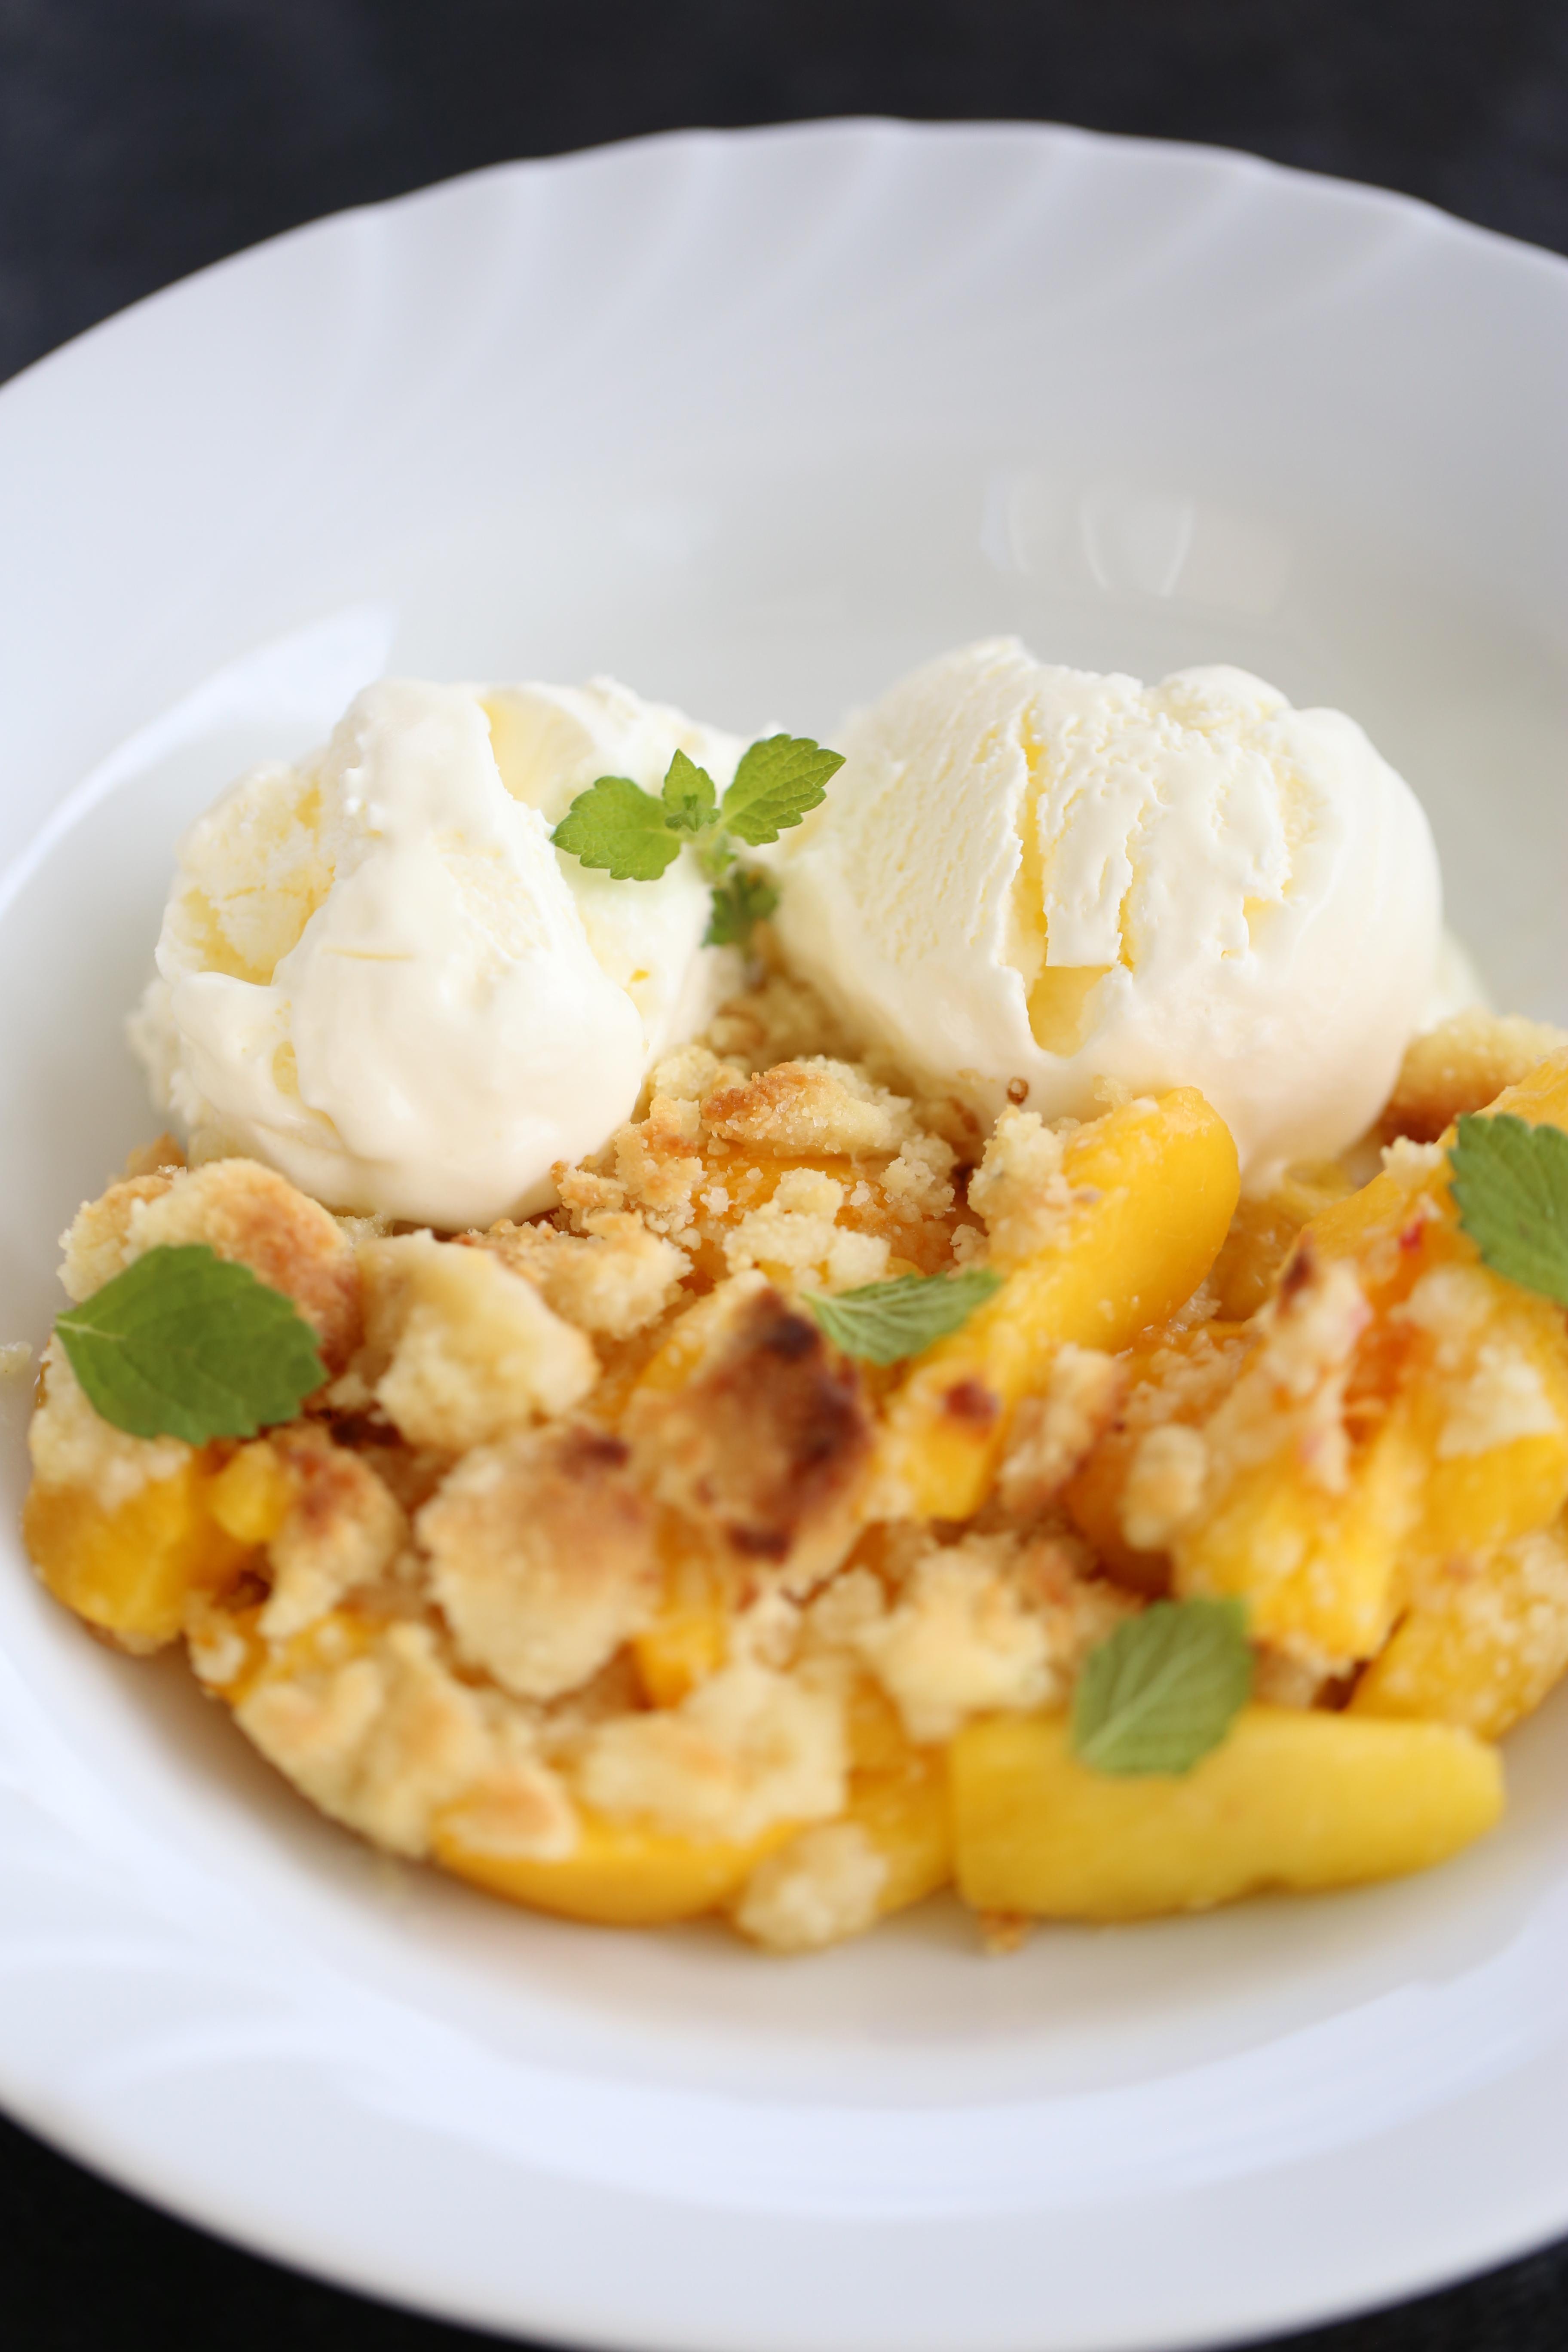 Glace à la crème acidulée - avec seulement trois ingrédients - delimoon.com